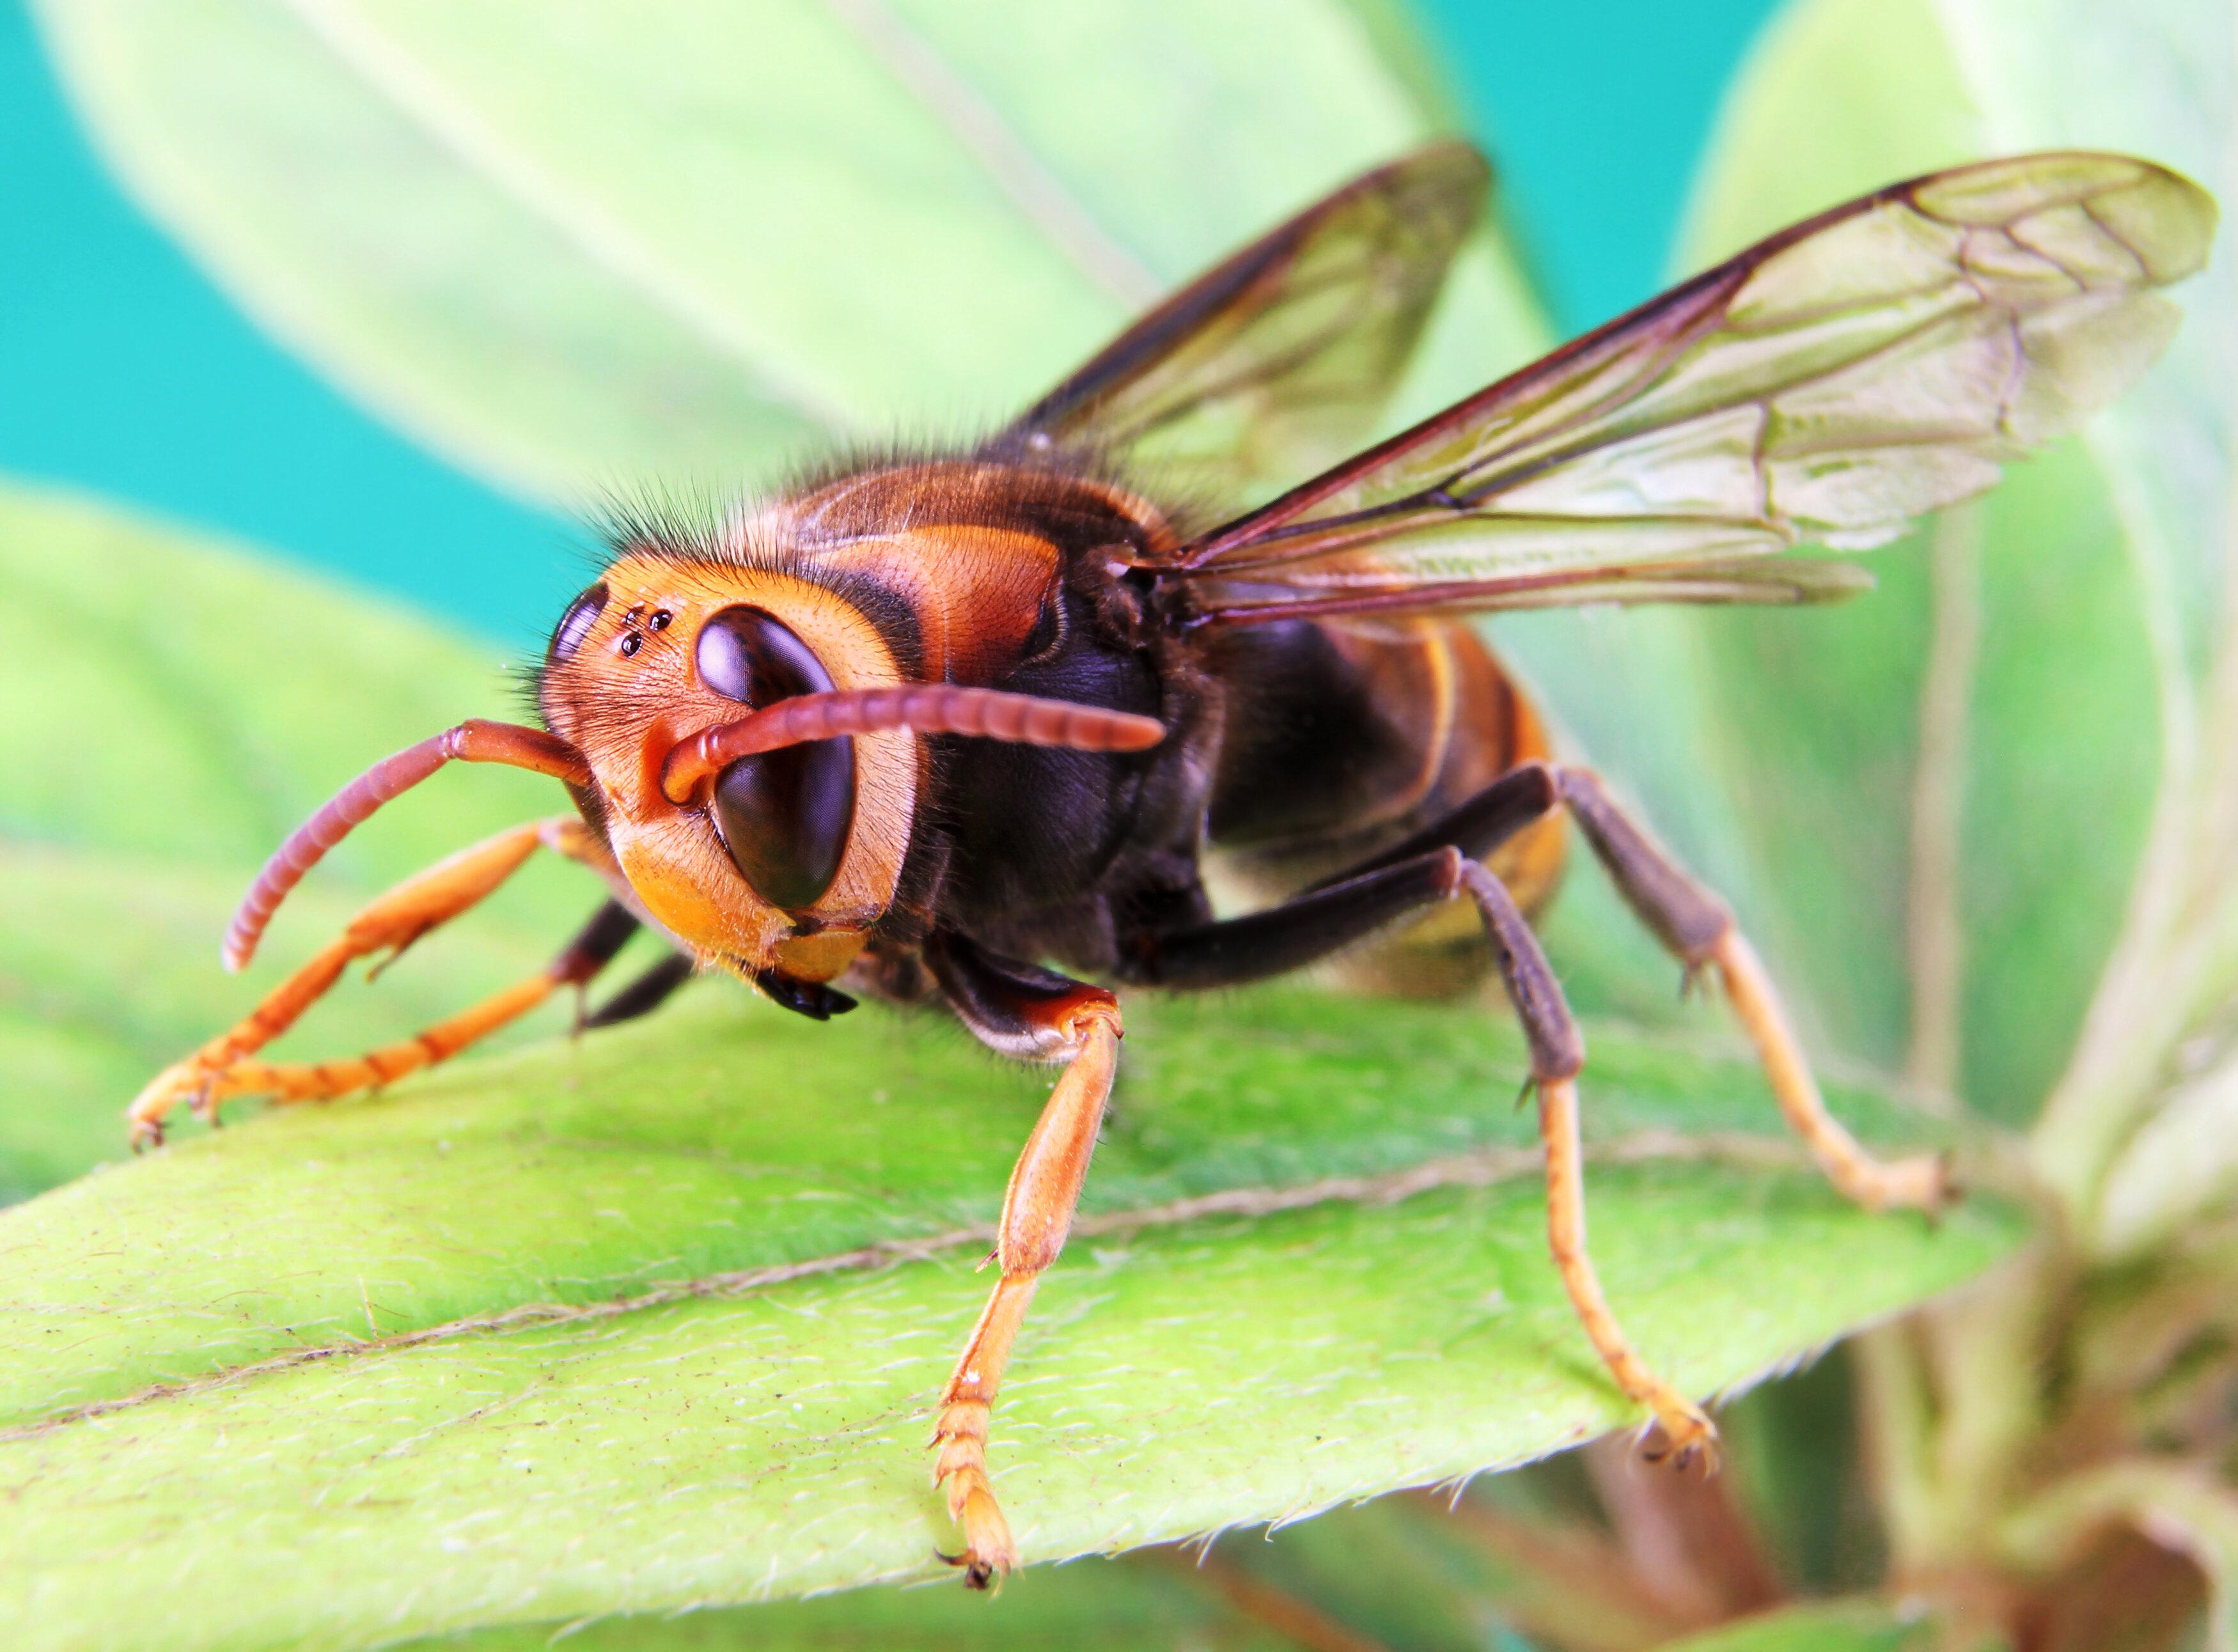 Meld waarnemingen van de Aziatische Hoornaar op de website vespawatch.be